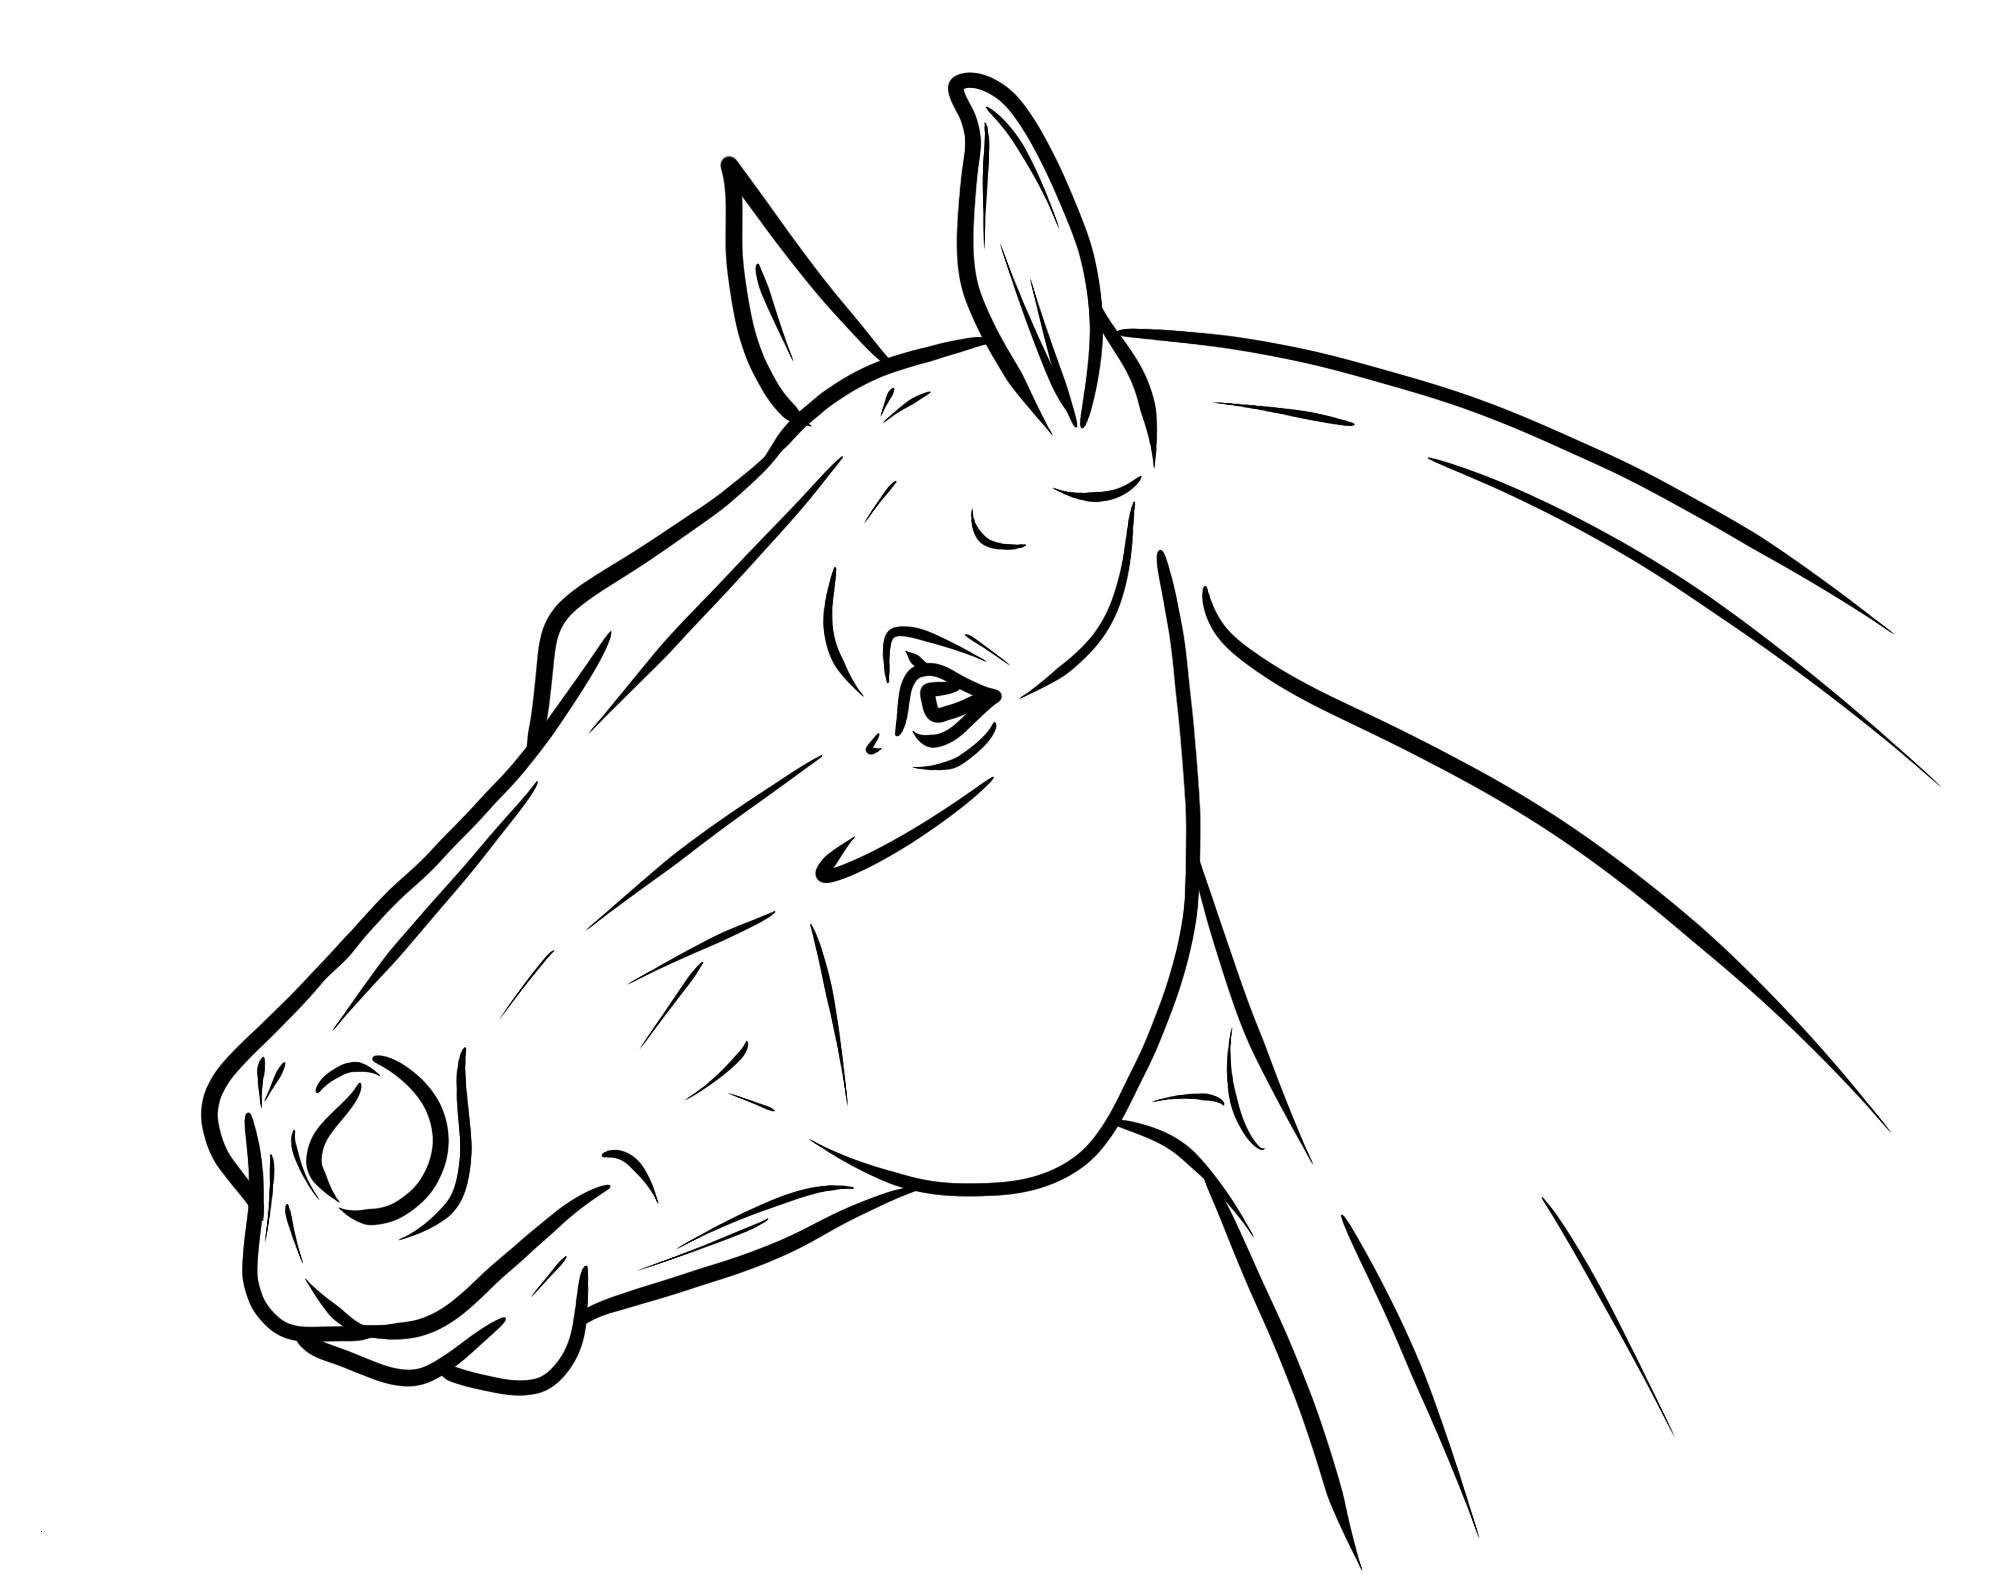 Pferde Bilder Zum Ausdrucken Inspirierend Ausmalbilder Bibi Und Tina Pferde Neu Malvorlagen Igel Elegant Igel Das Bild